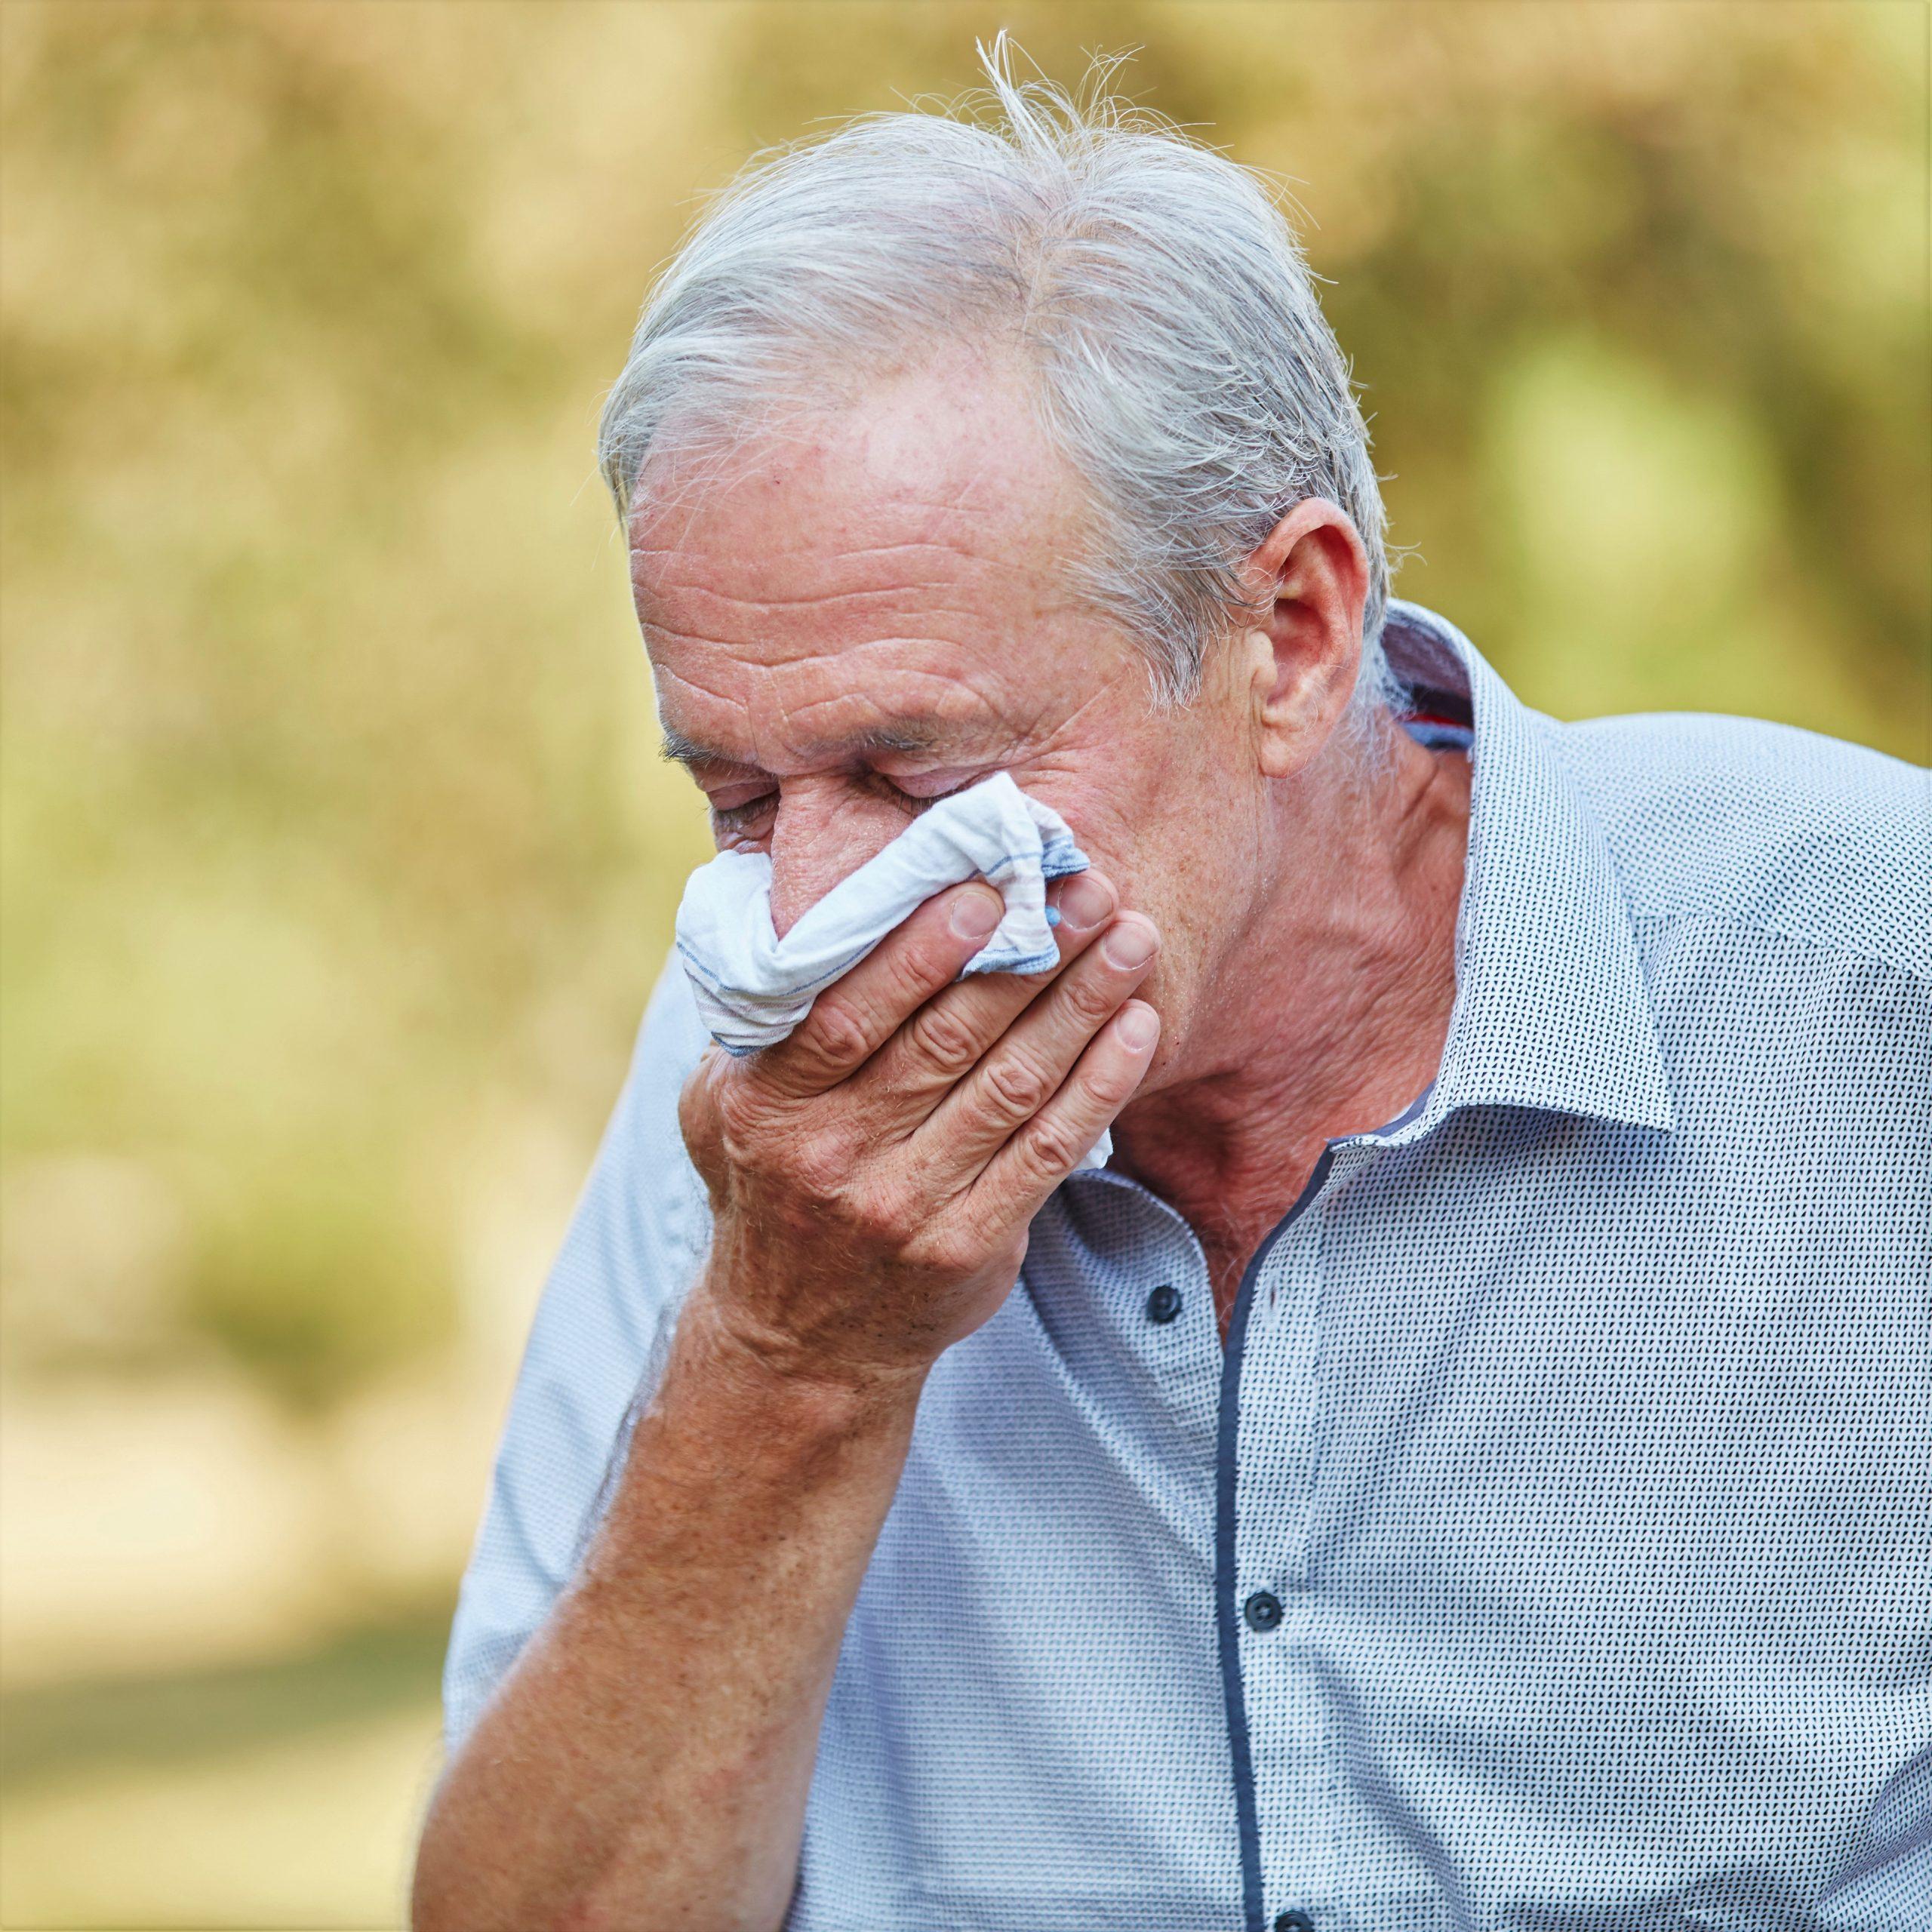 Immer mehr Senioren leider im Frühling an einer Pollenallergie